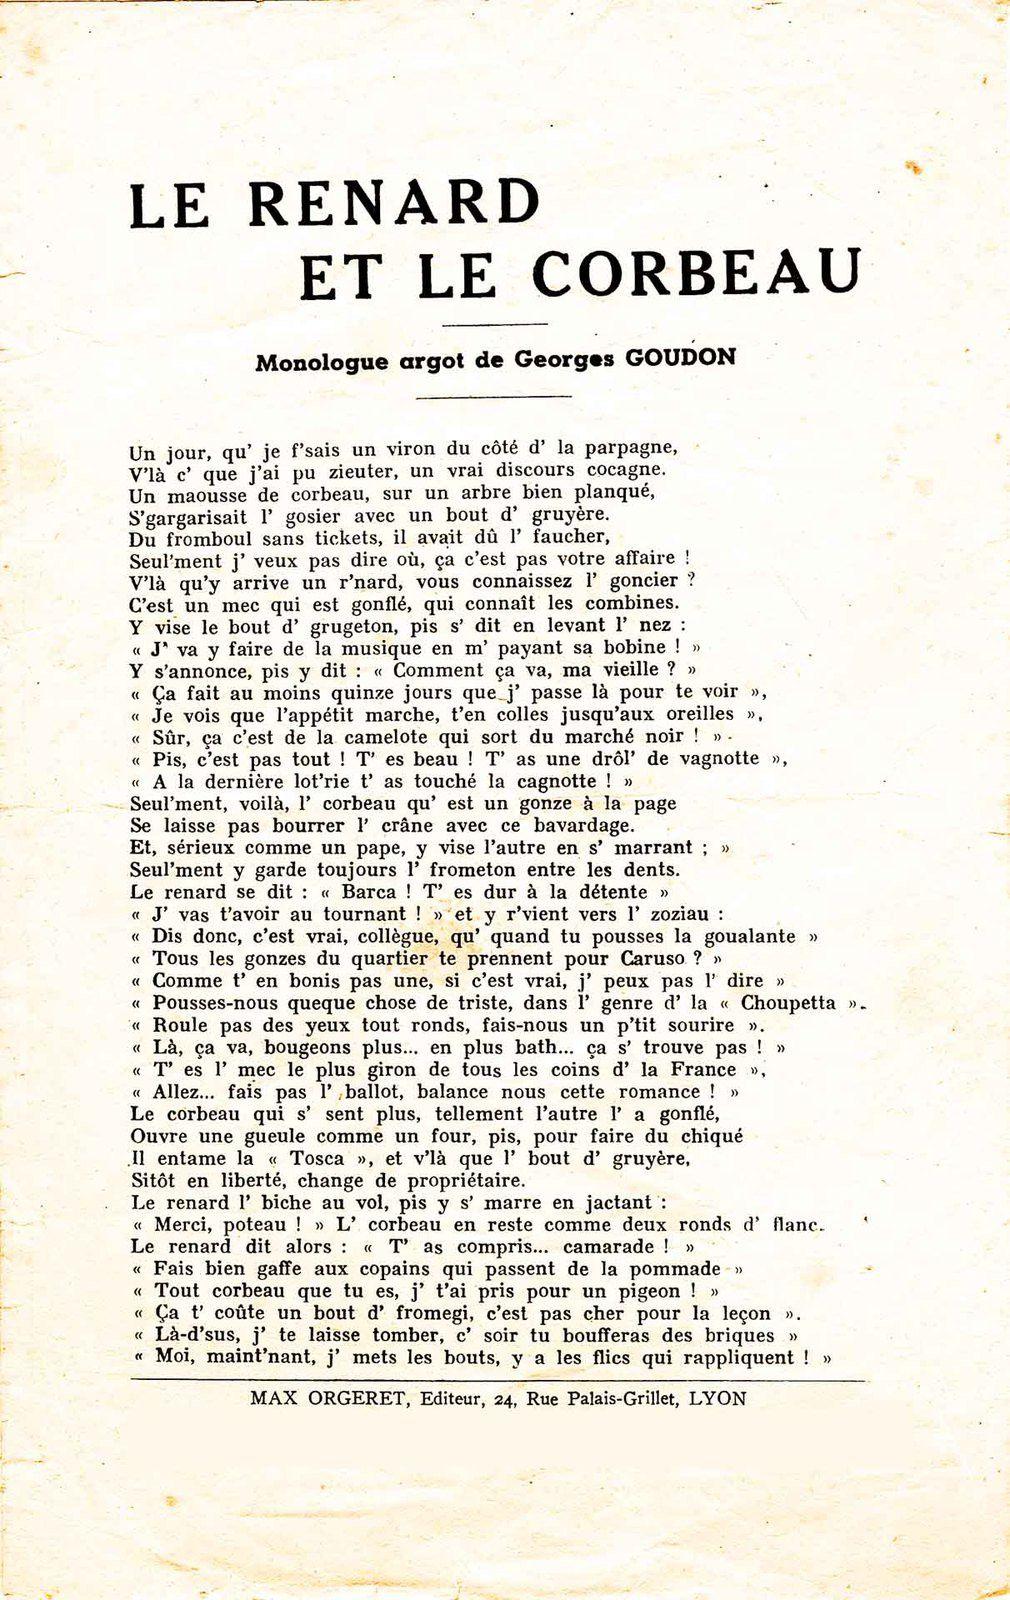 Monologue en argot de Georges GOUDON raconté par Zizi bec en Tole